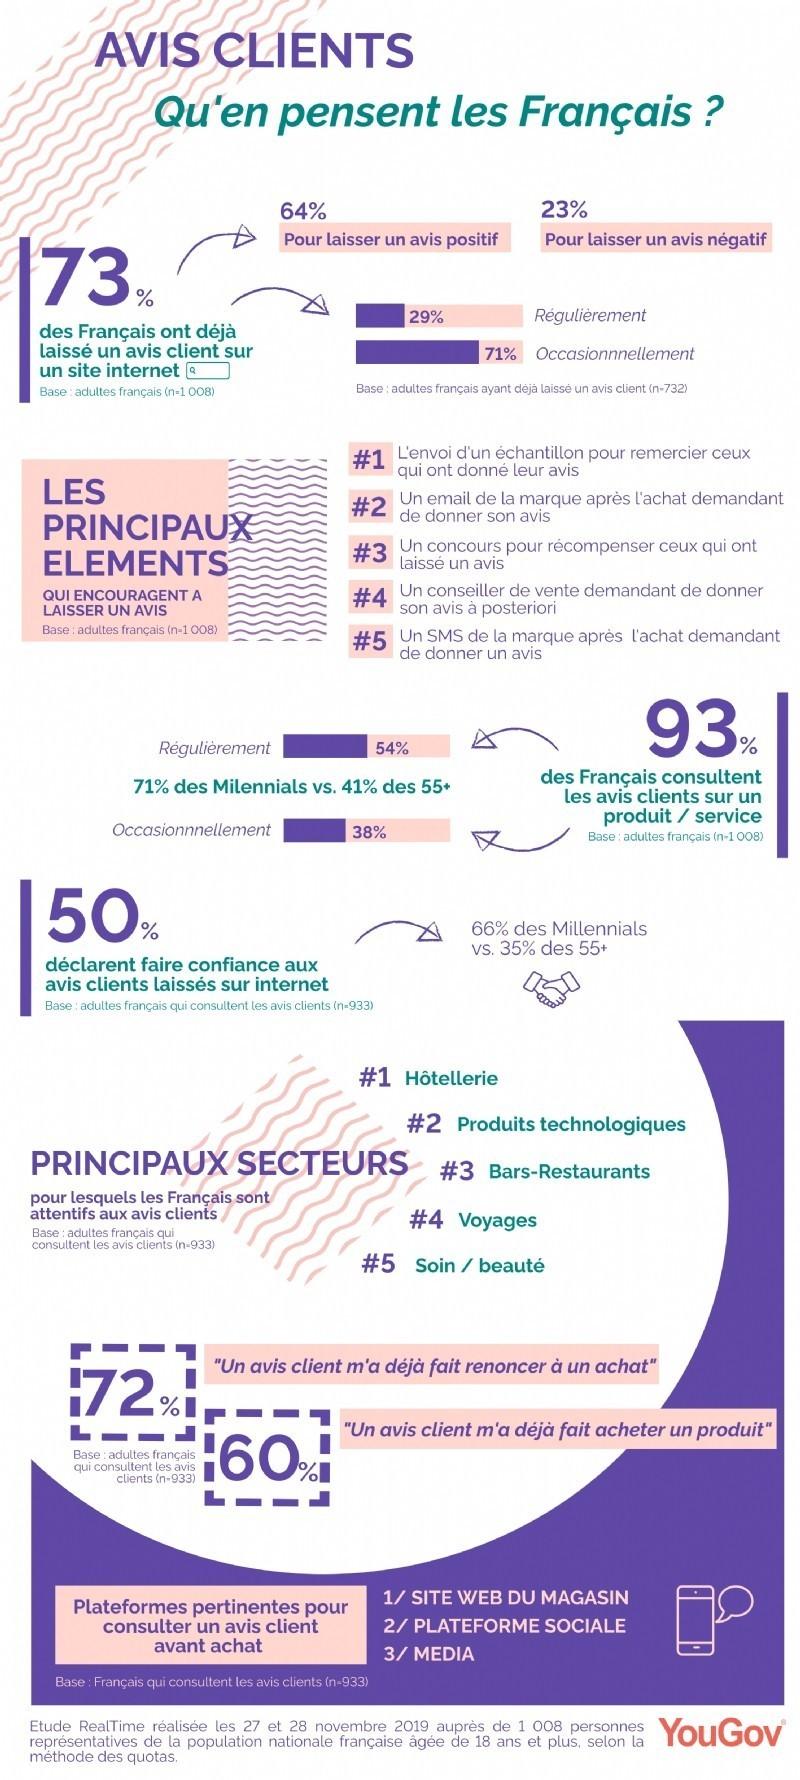 Infographie Que pensent Fran ais avis clients F